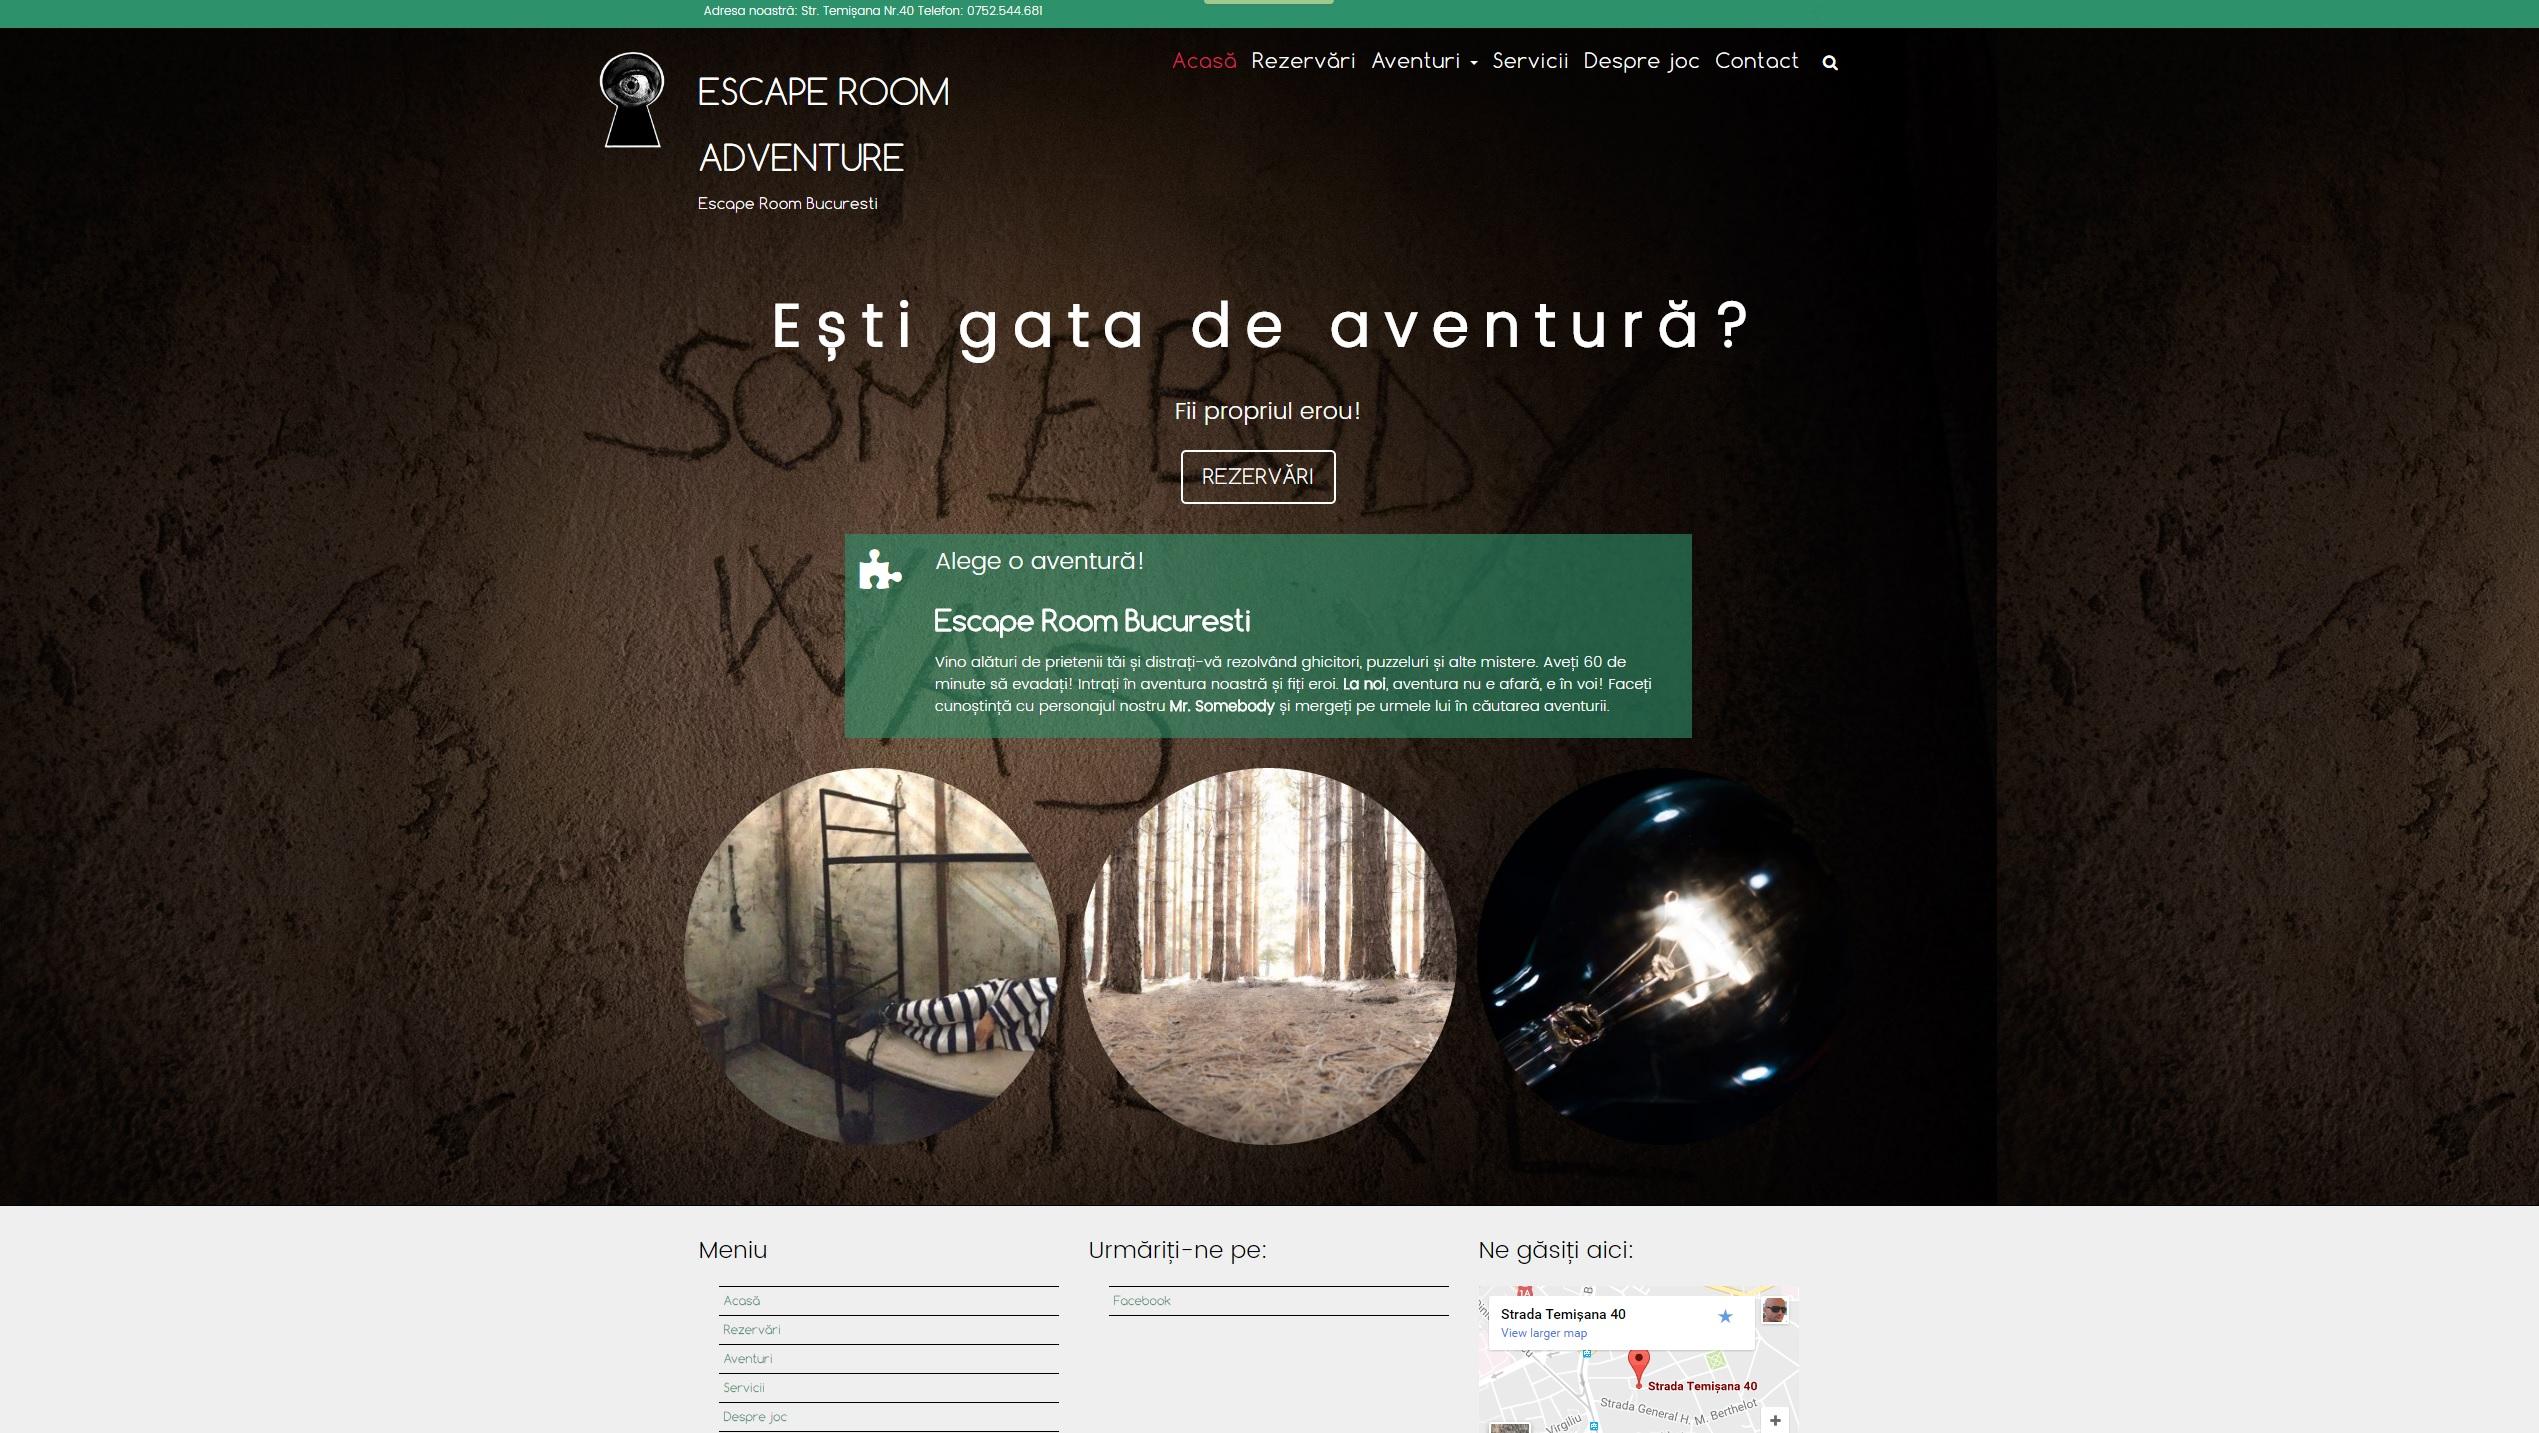 EscapeRoomAdventure.ro